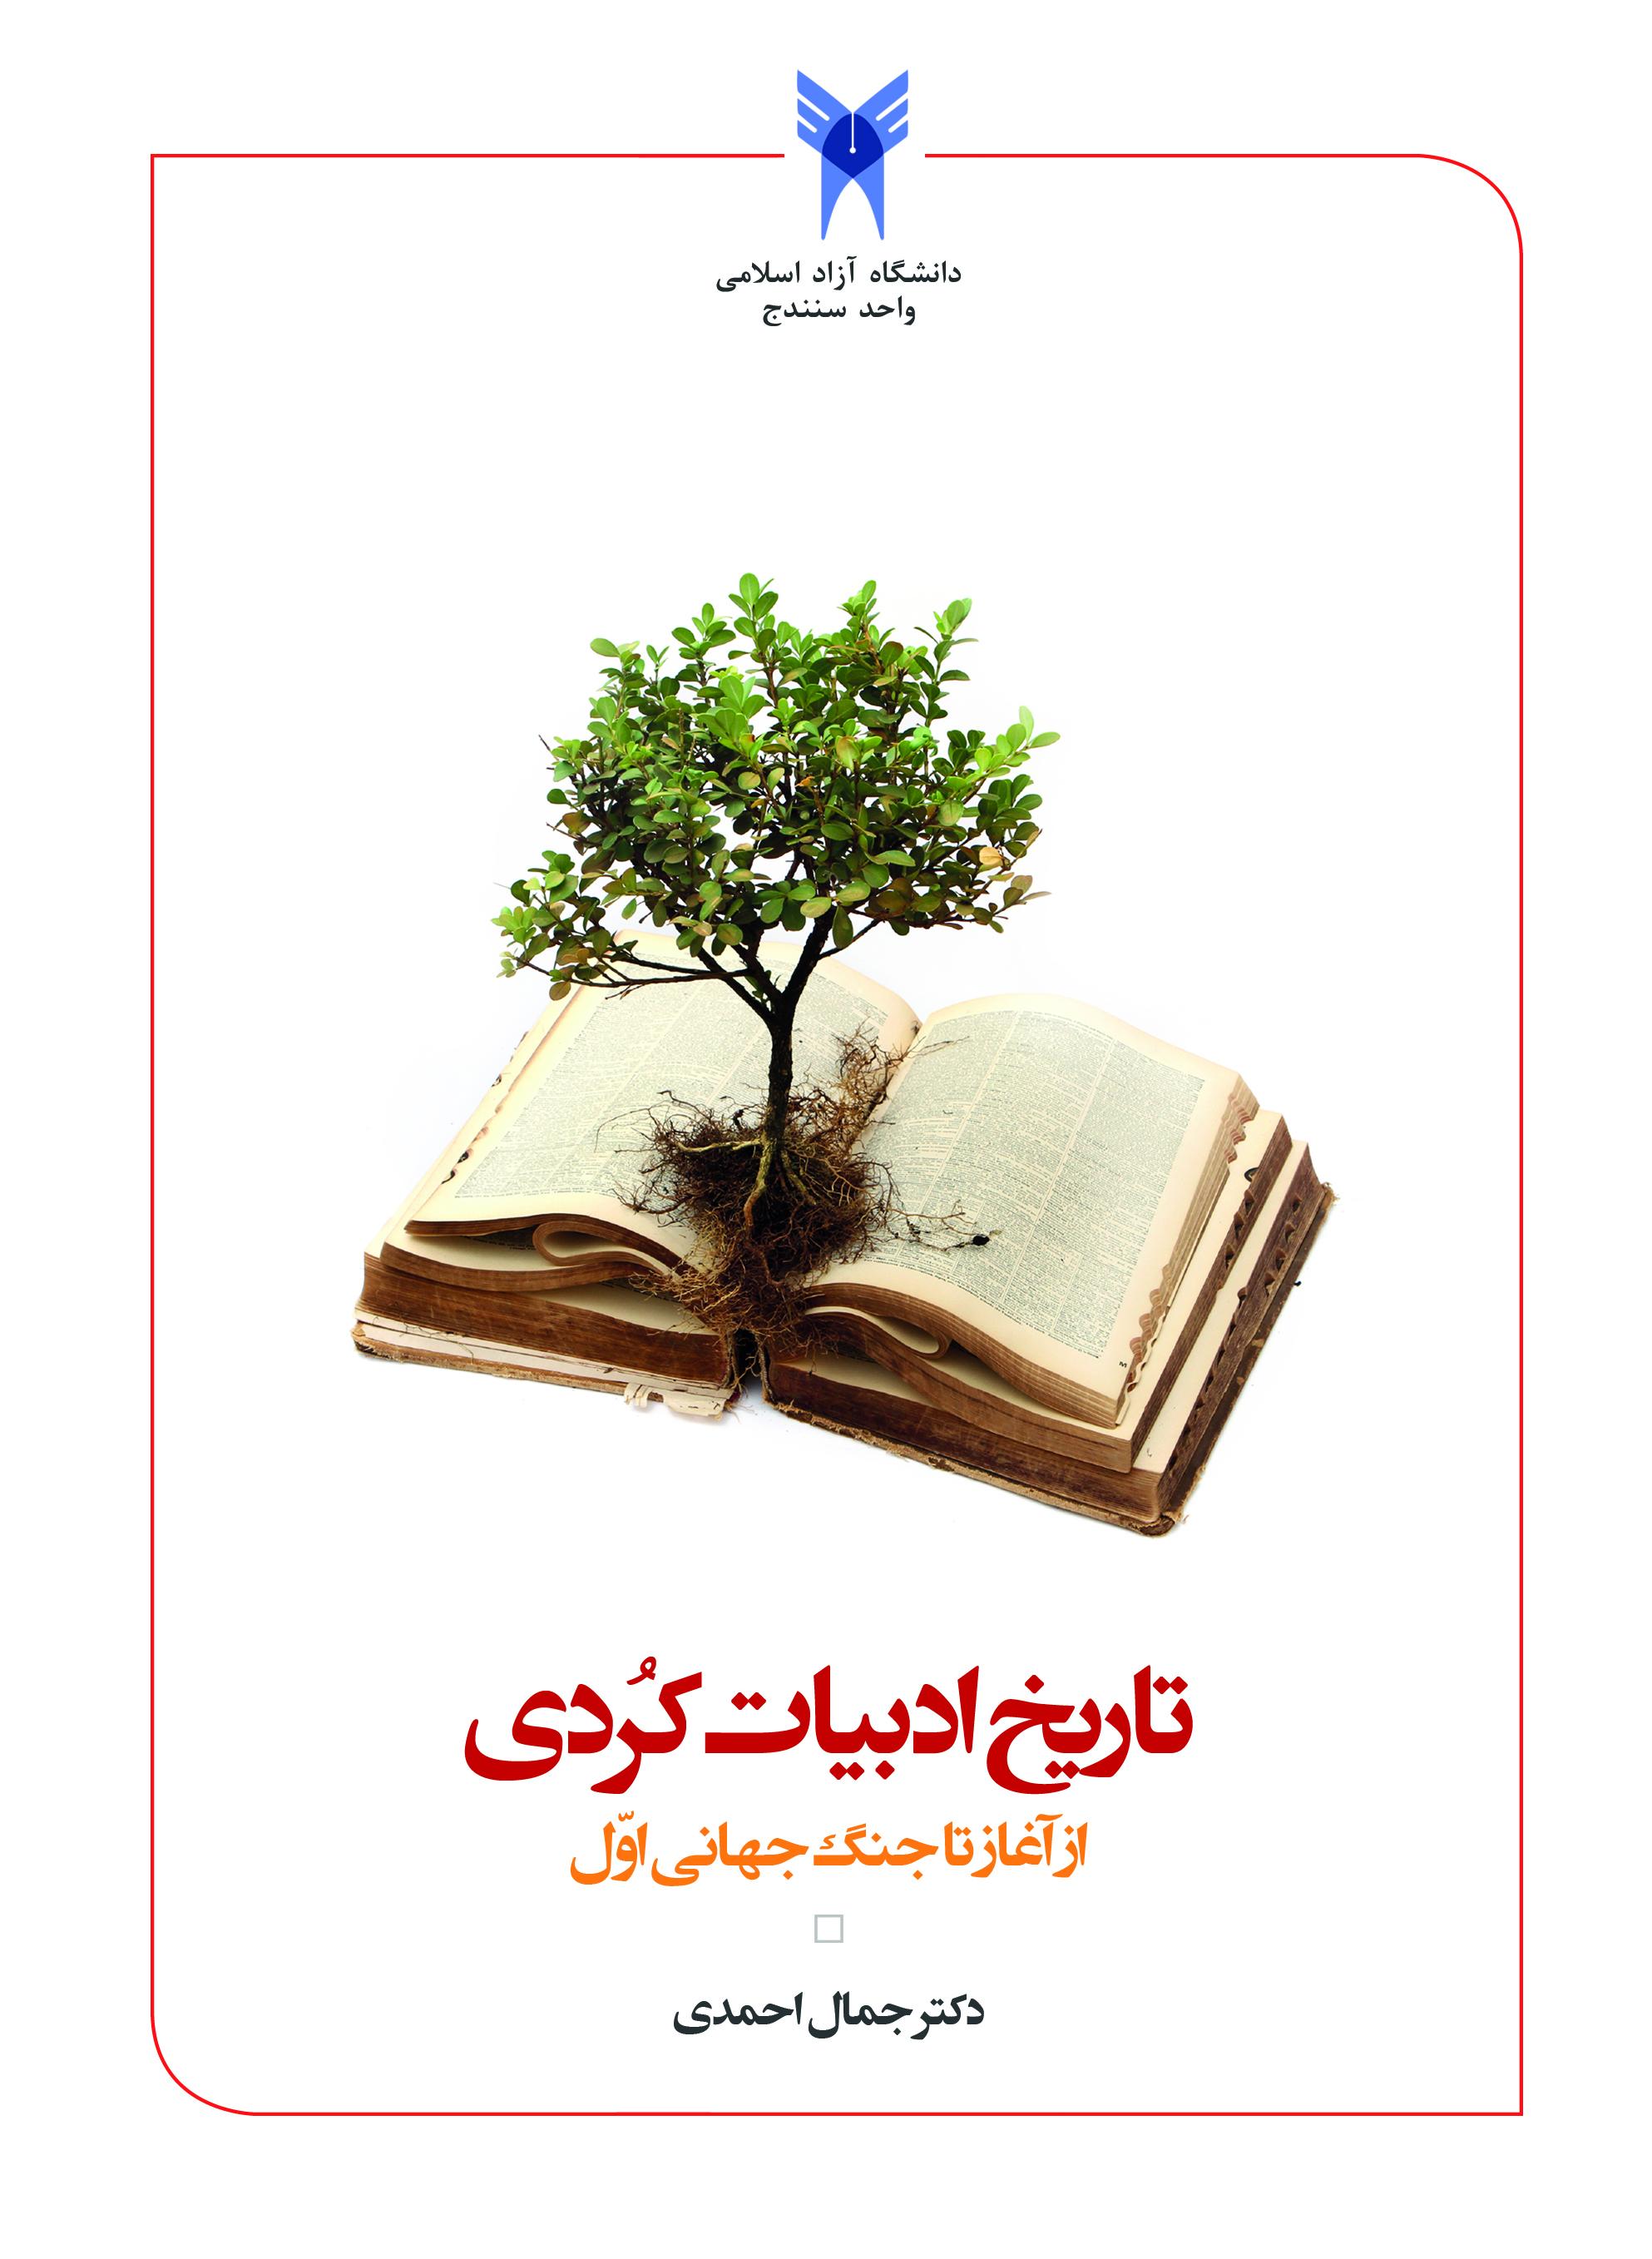 مراسم رونمایی دو کتاب در حوزه ادبیات کردی